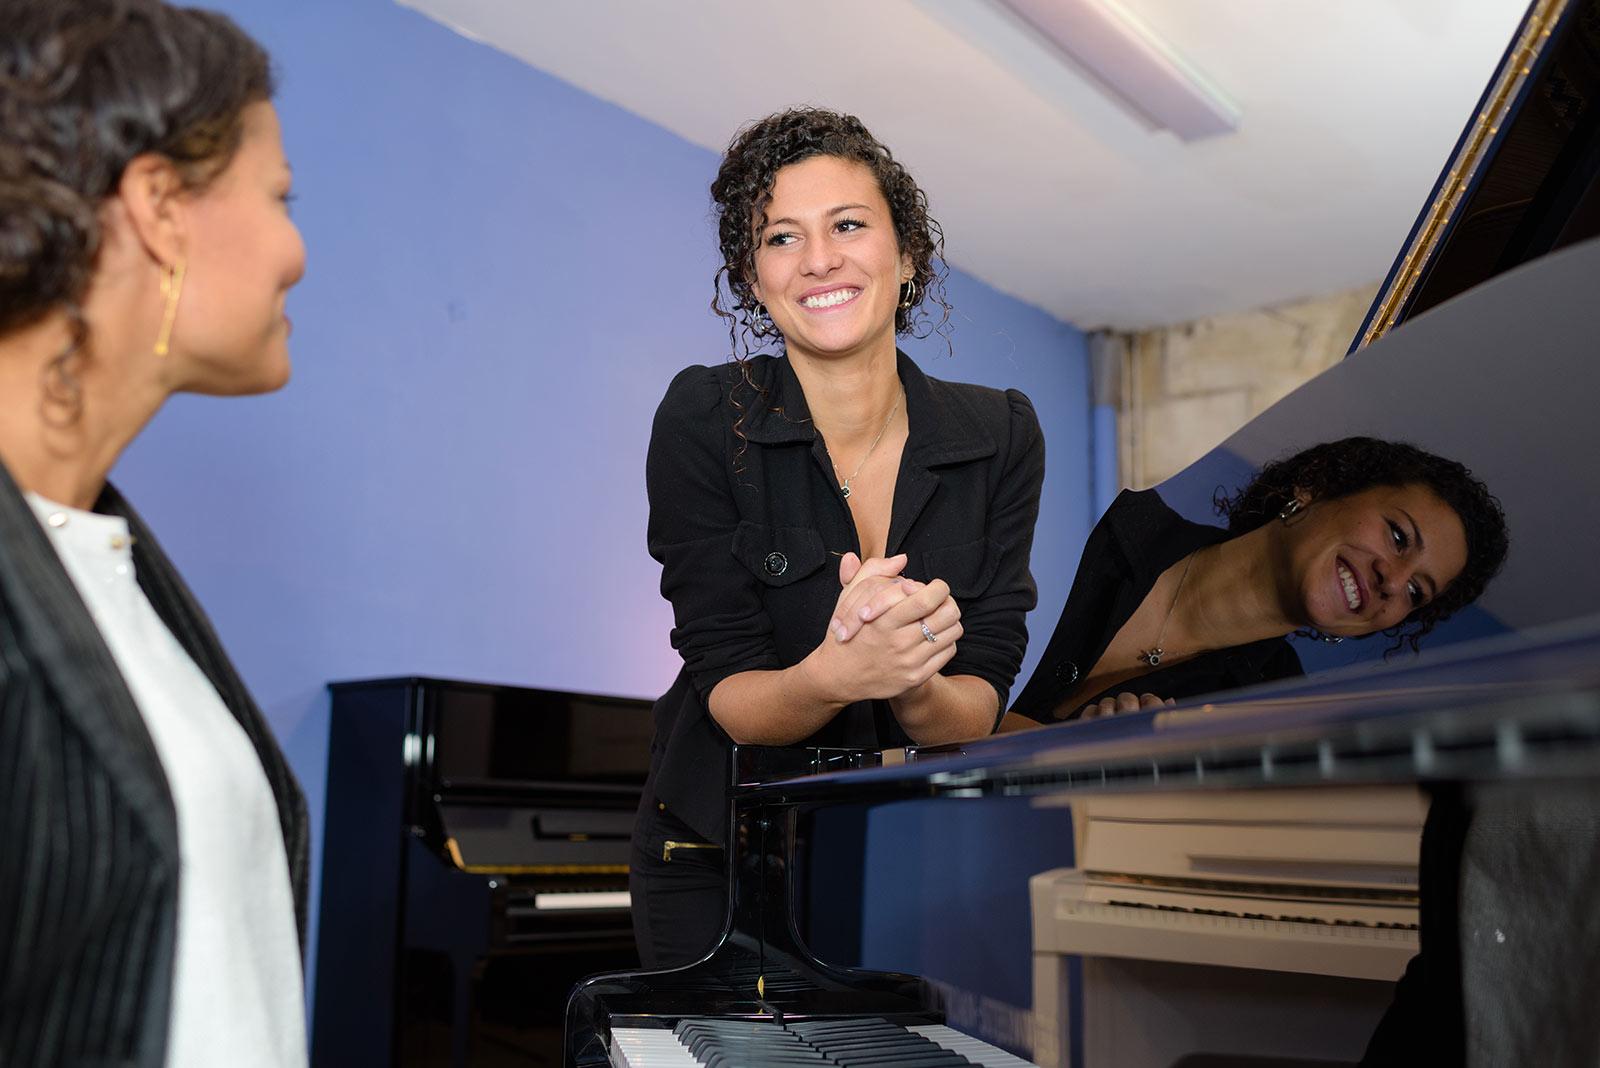 find a singing teacher